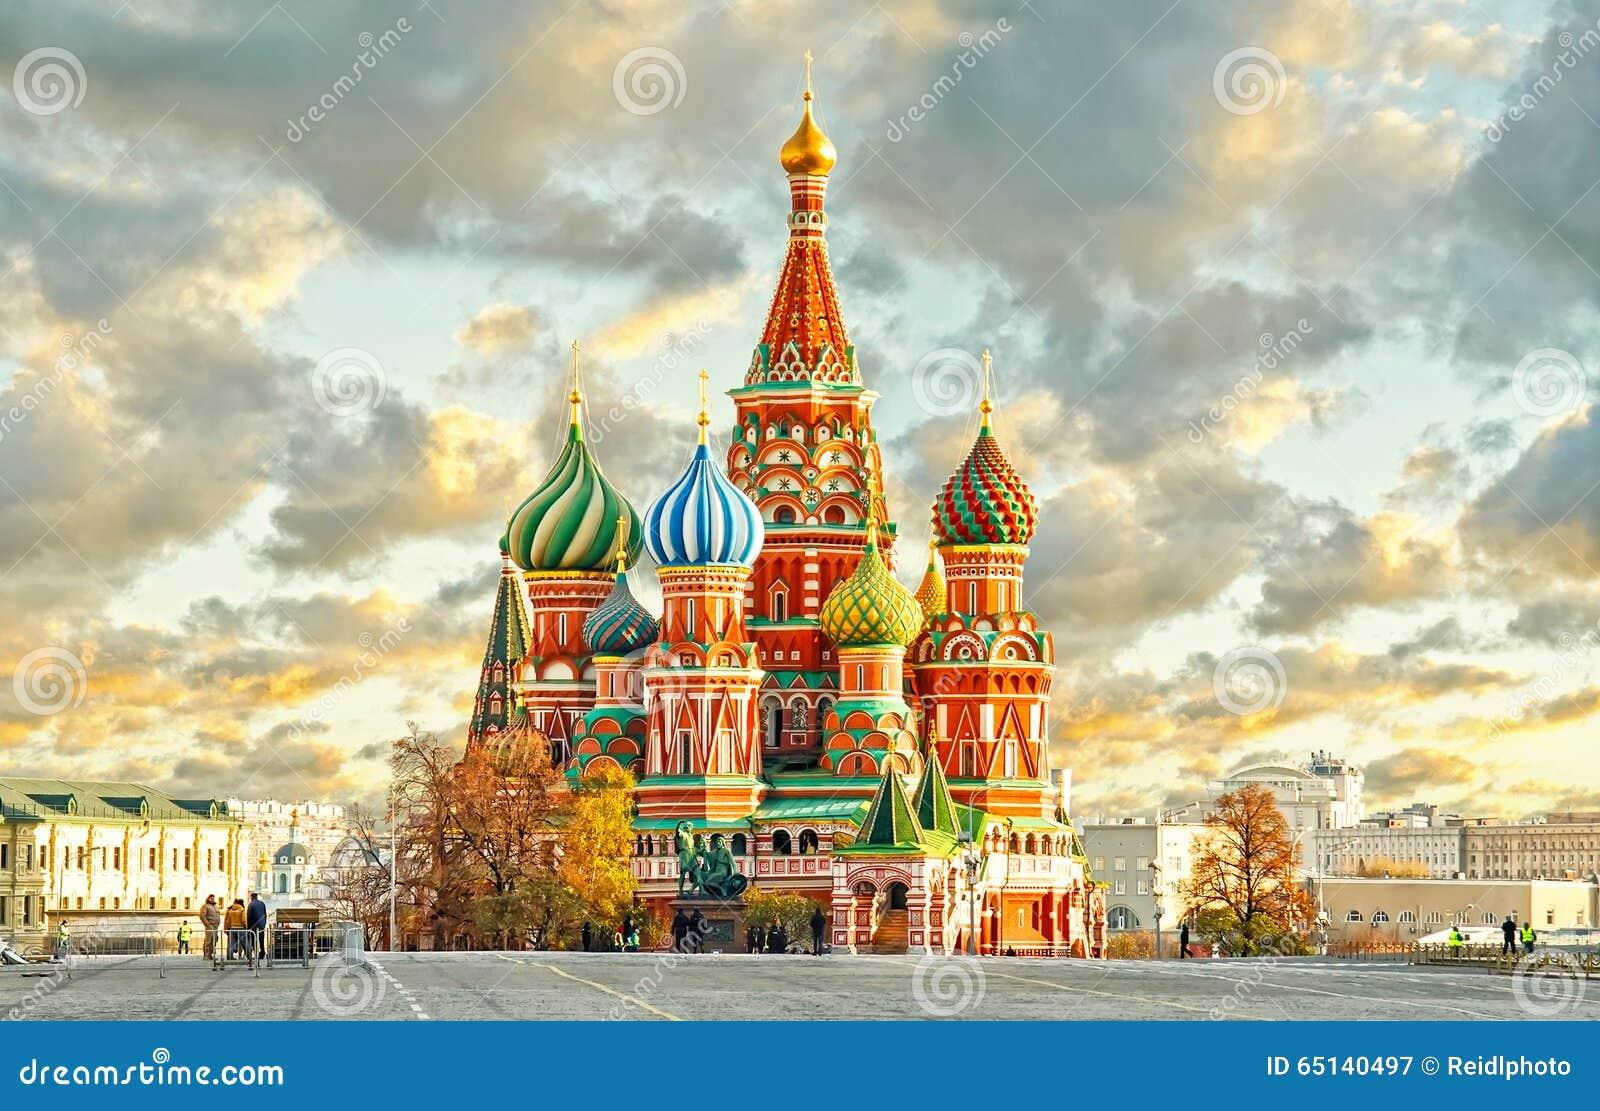 MOSKWA, ROSJA, pocztówkowy widok plac czerwony i ST, BASIL cahtedral